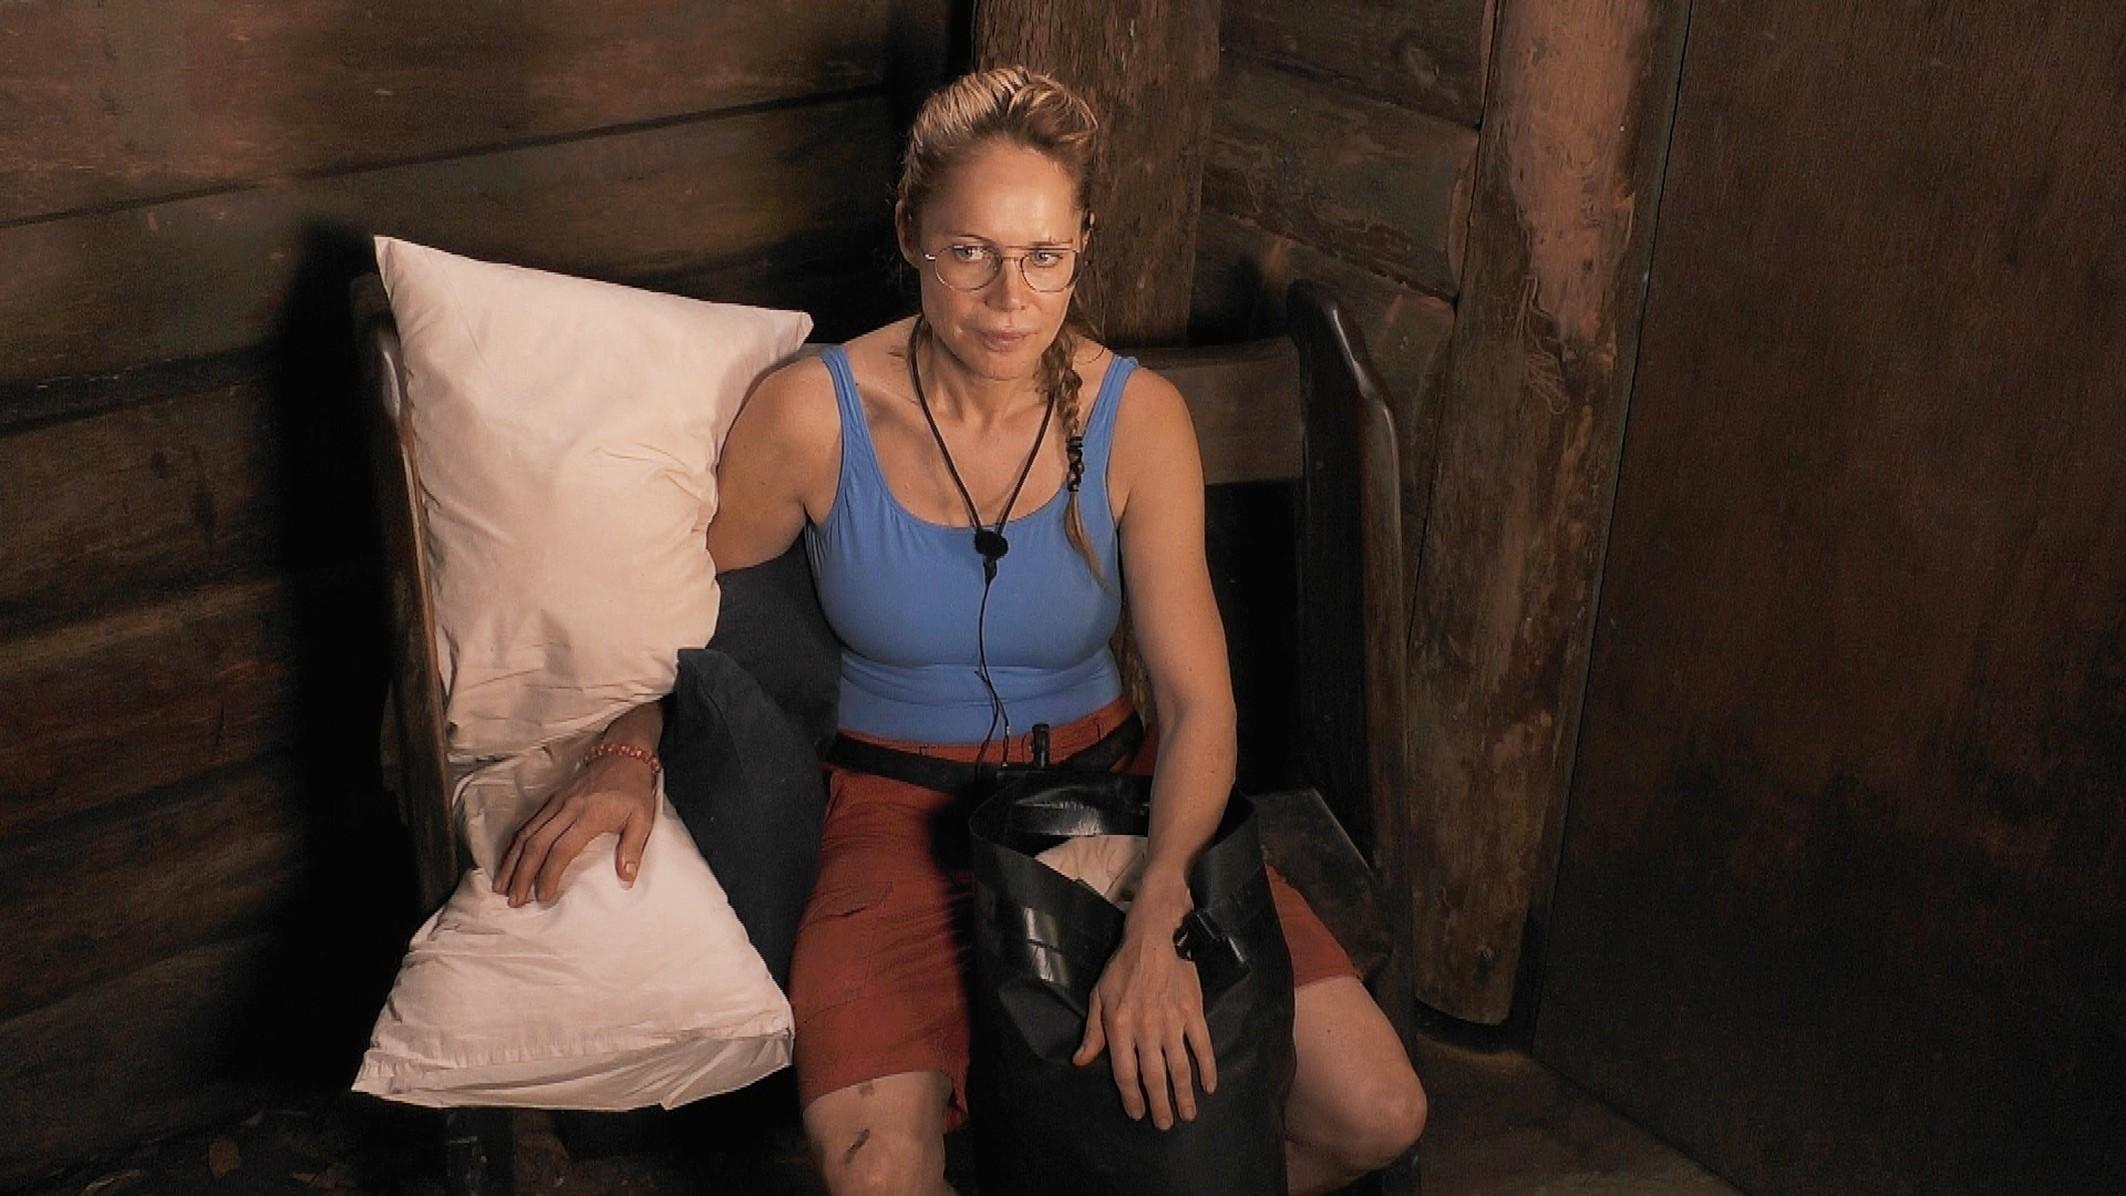 Teamchef Doreen im Dschungeltelefon